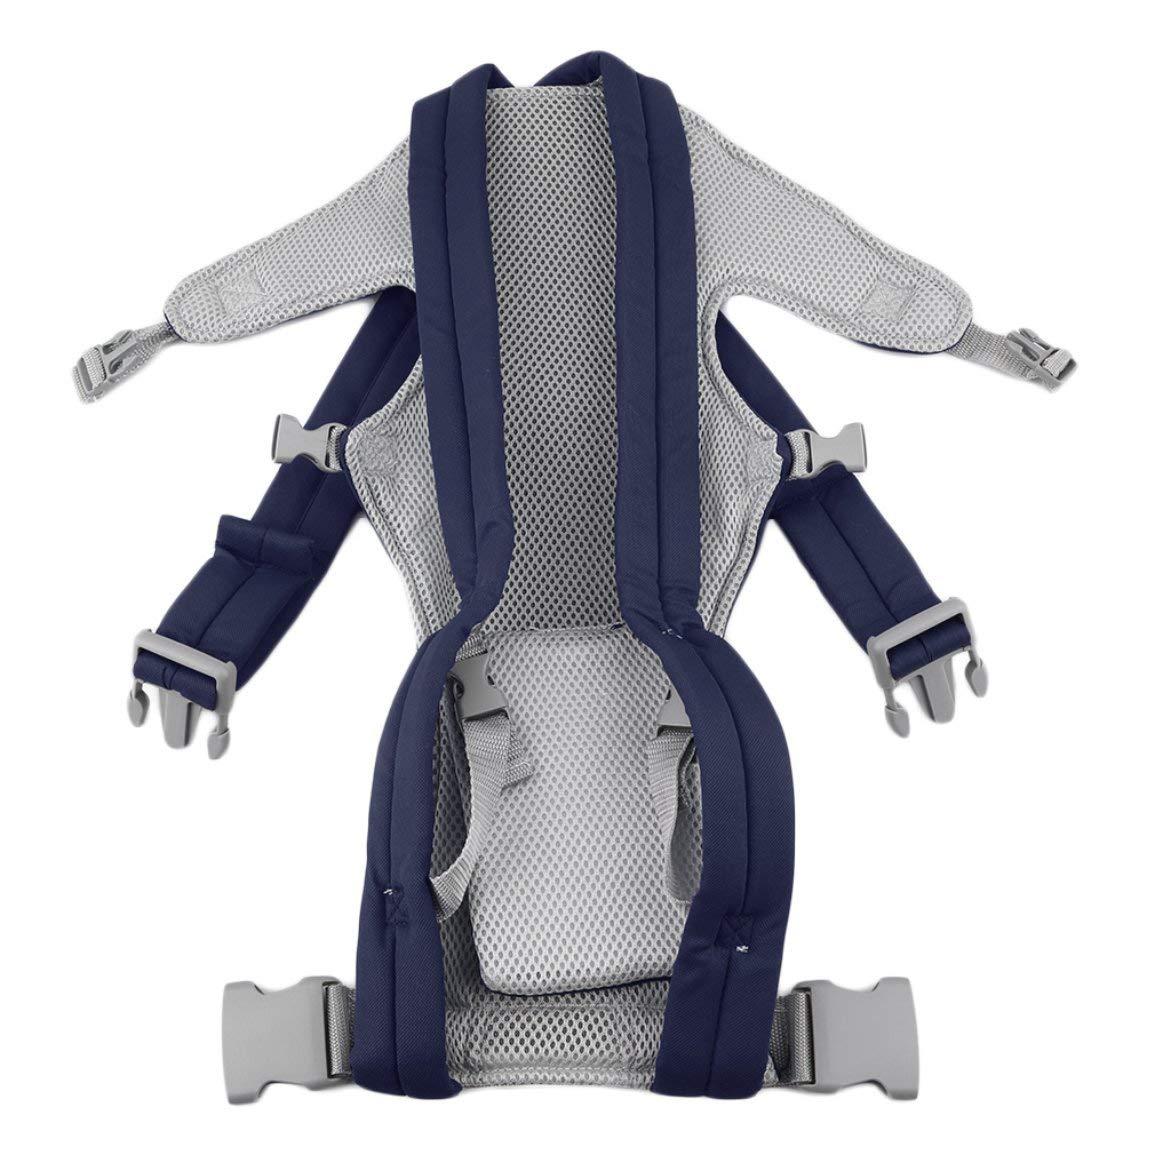 Bebé recién nacido del portador de bebé cuna Los niños de la honda del bolso de la bolsa delantera ajustable y transpirable parte posterior del bebé del ...